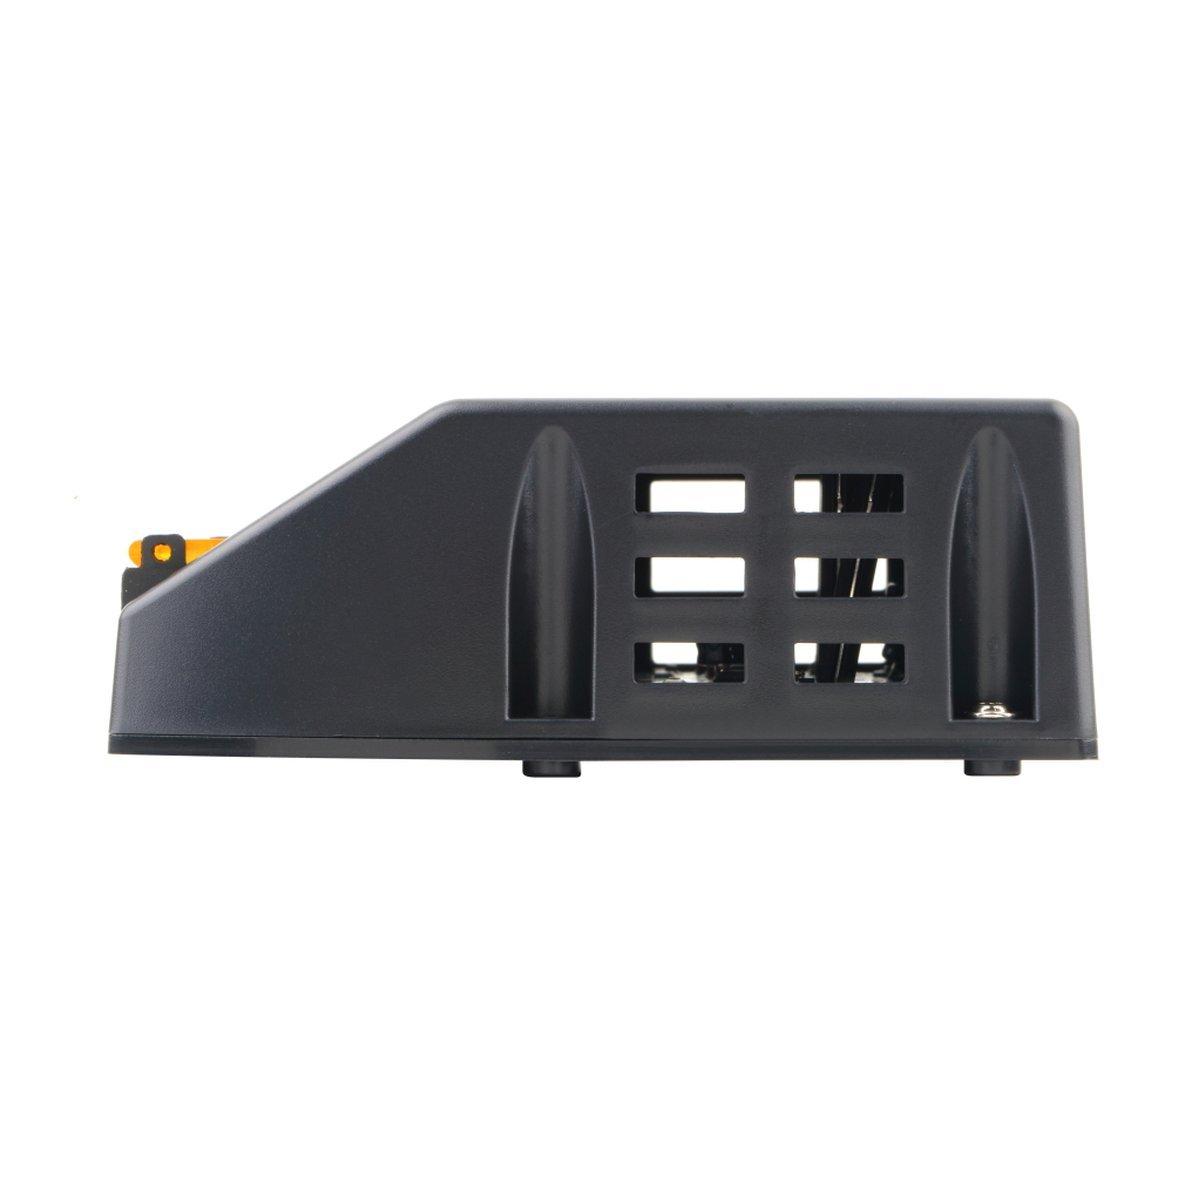 Noradtjcca 20A 12 V 24 V Solarpanel-Laderegler Batterieregler Sicherer Schutz des Solarreglers F/ür den Einsatz in Solarpanelsystemen